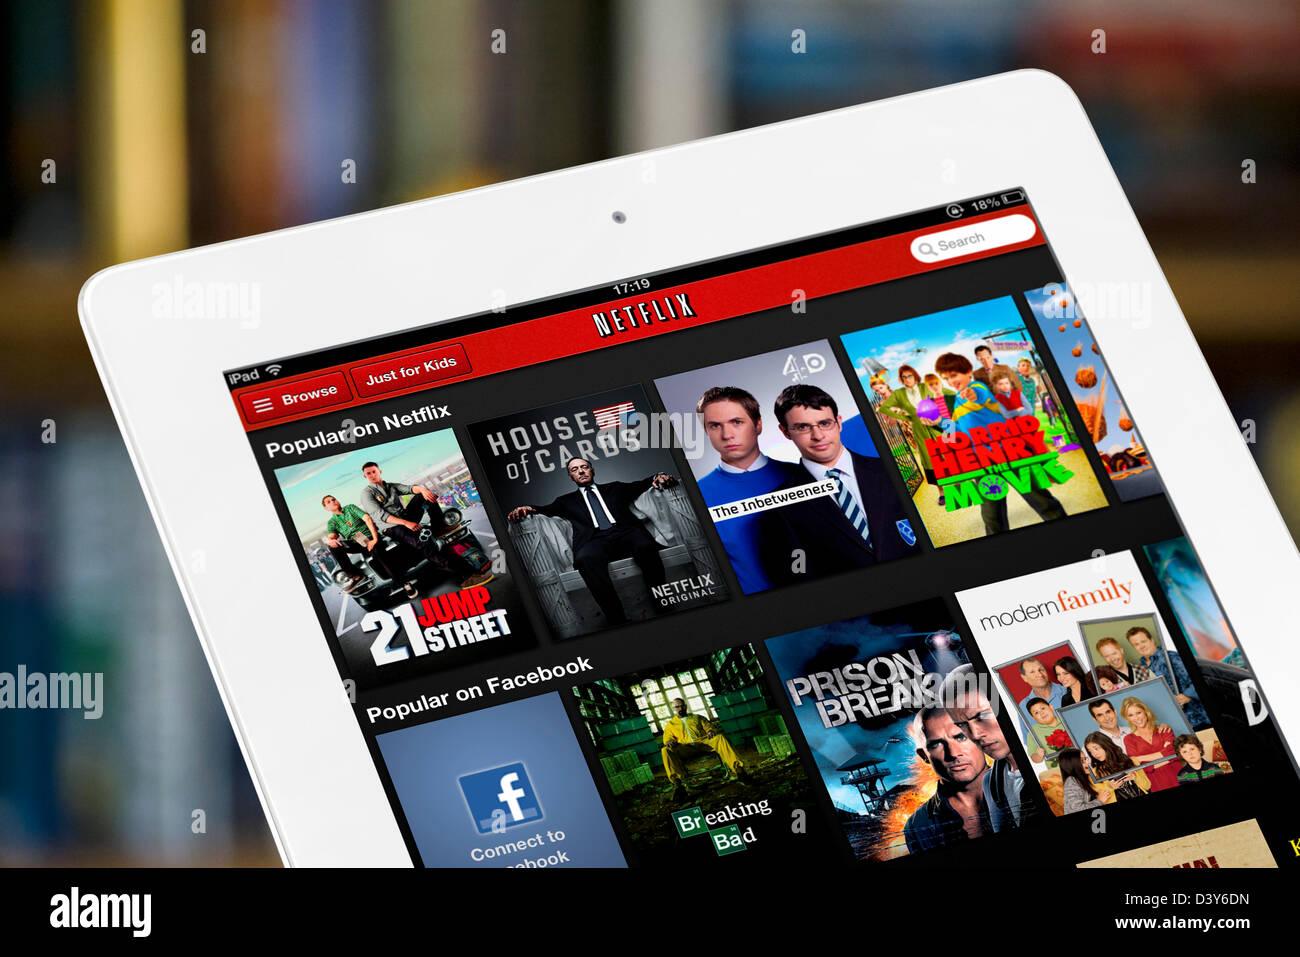 Beliebte Videos auf dem Netflix-Video-Streaming-Website, betrachtet auf eine 4. Generation iPad, UK Stockbild